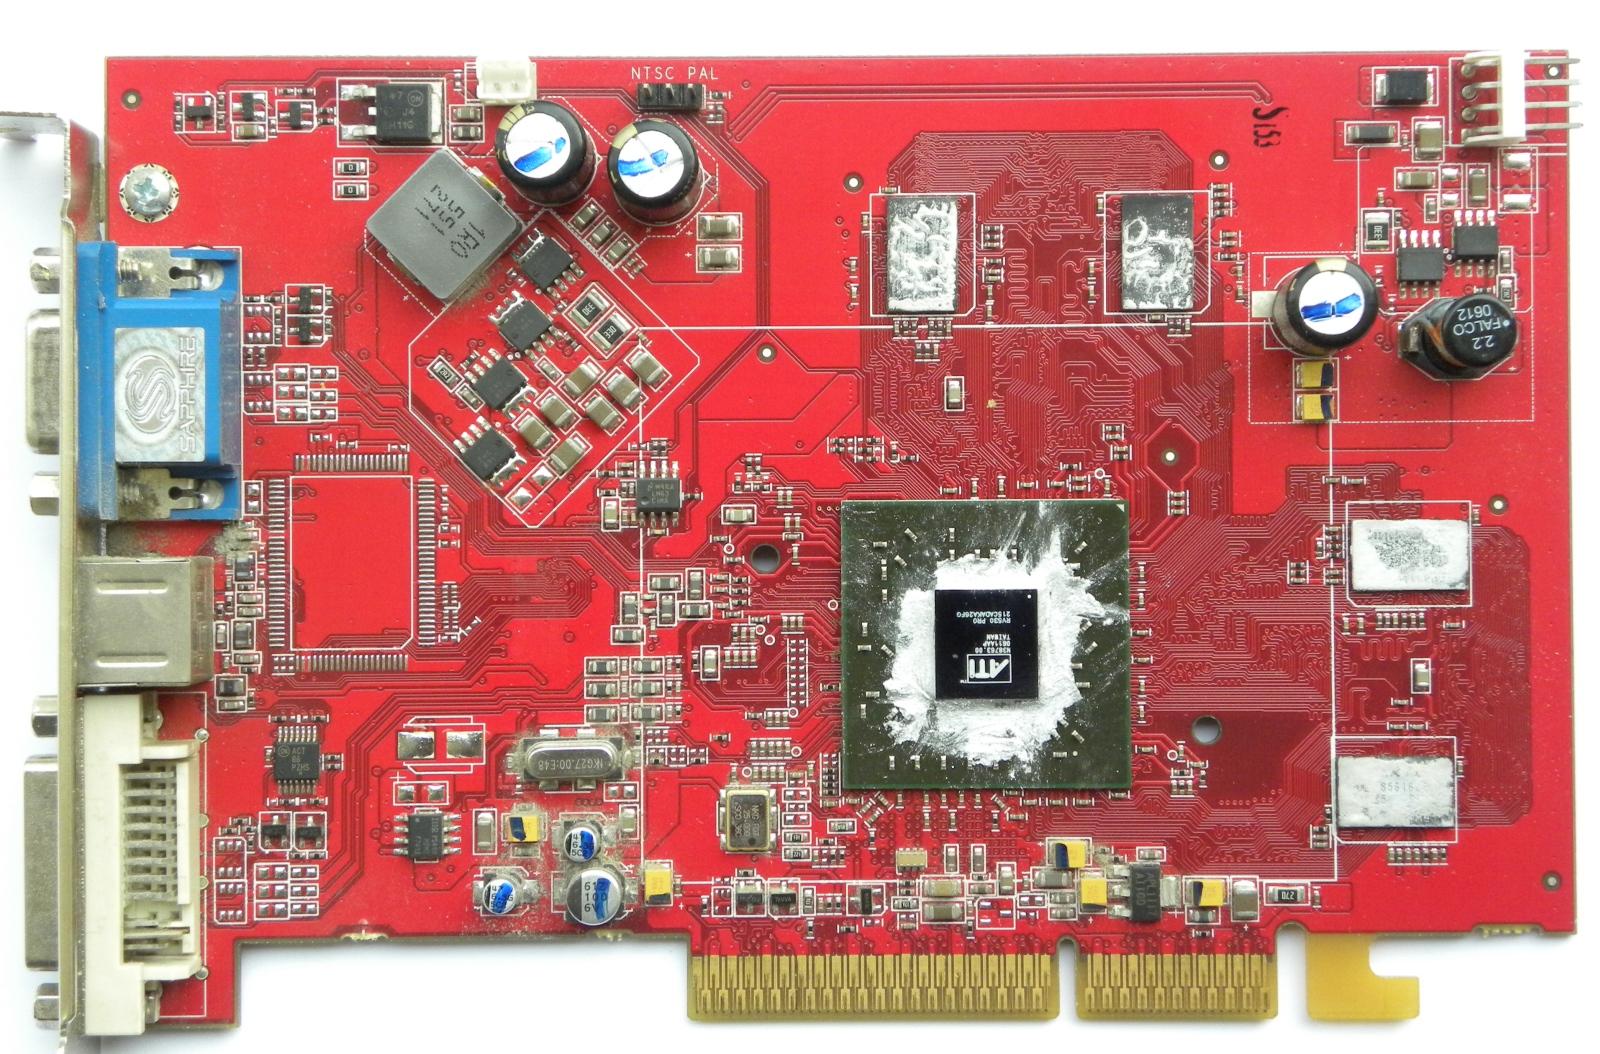 X1600 pro 512mb ddr2 agp скачать драйвер